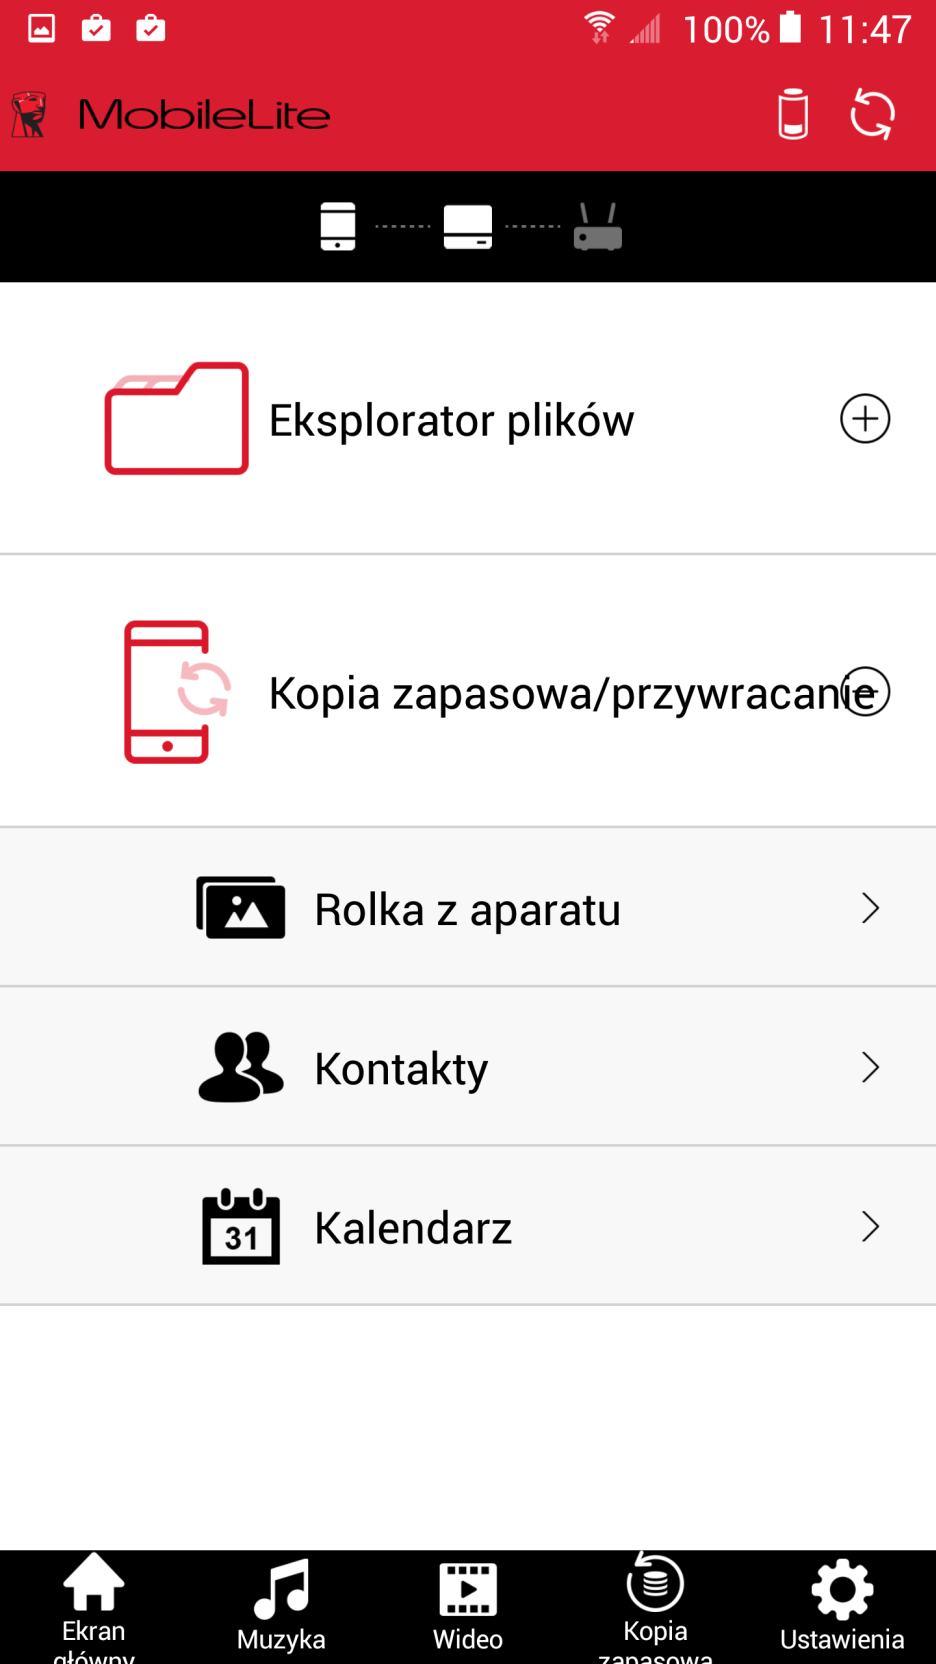 Kingston MobileLite aplikacja android 1